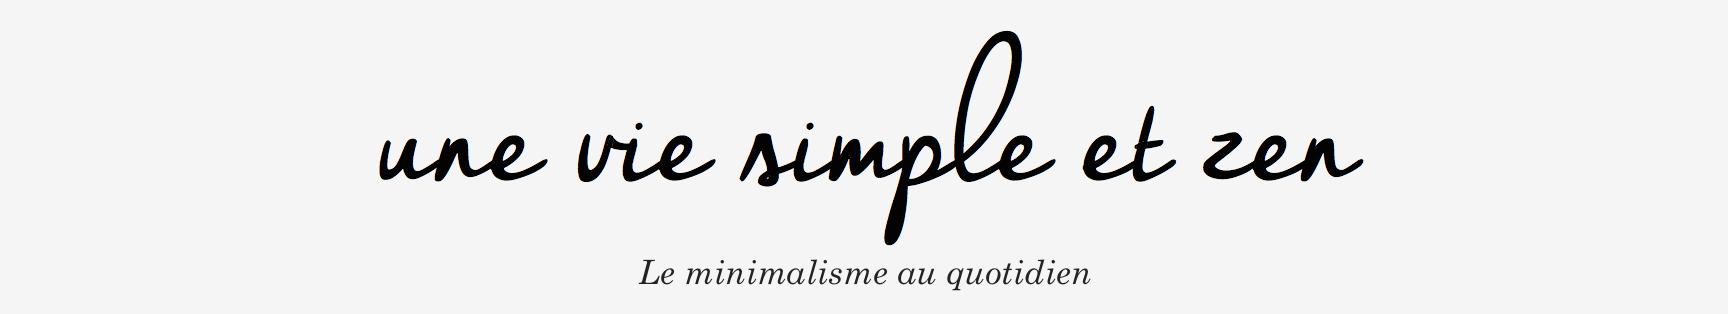 Une vie simple et zen